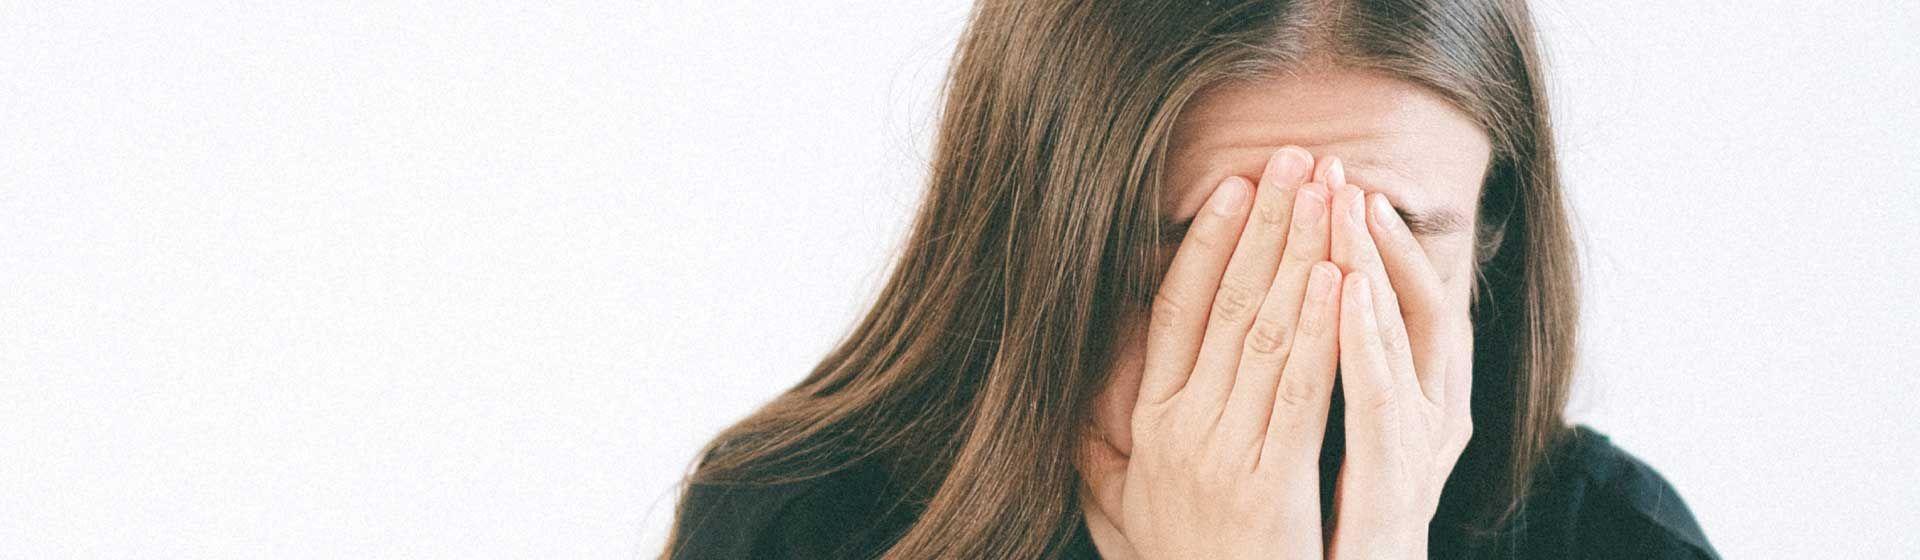 Fragerecht des Arbeitgebers bei Psychische Erkrankungen